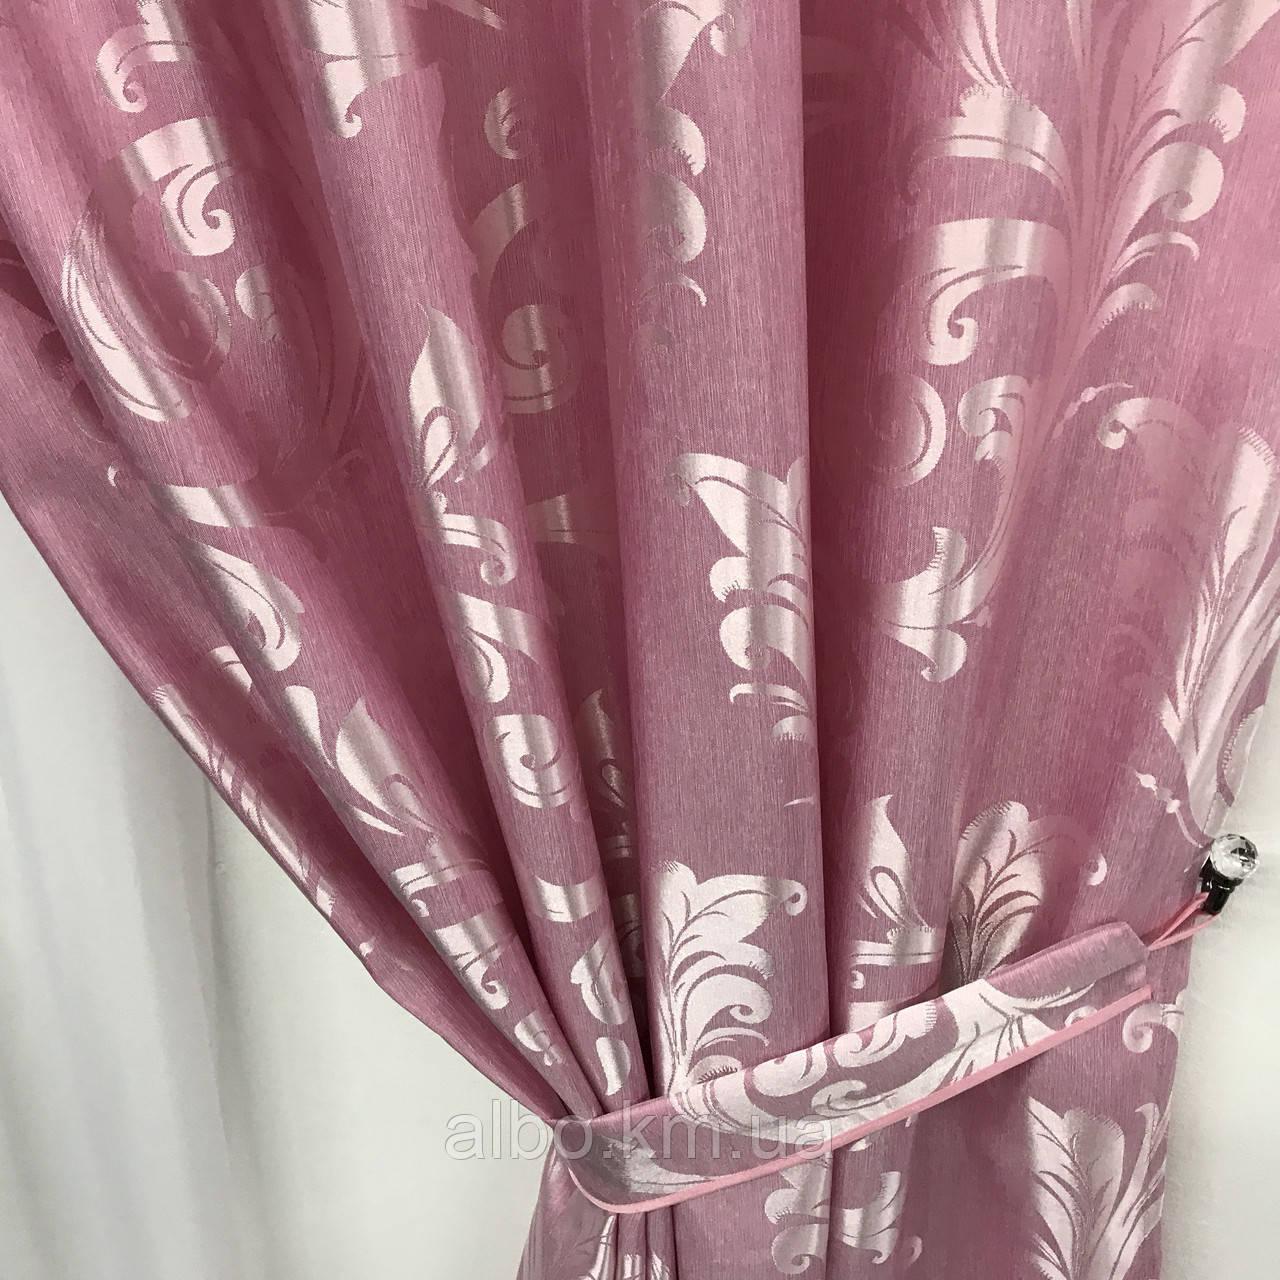 Готовый комплект штор из жаккарда ALBO 150x270 cm (2 шт) Розовые (SH-C32-13)